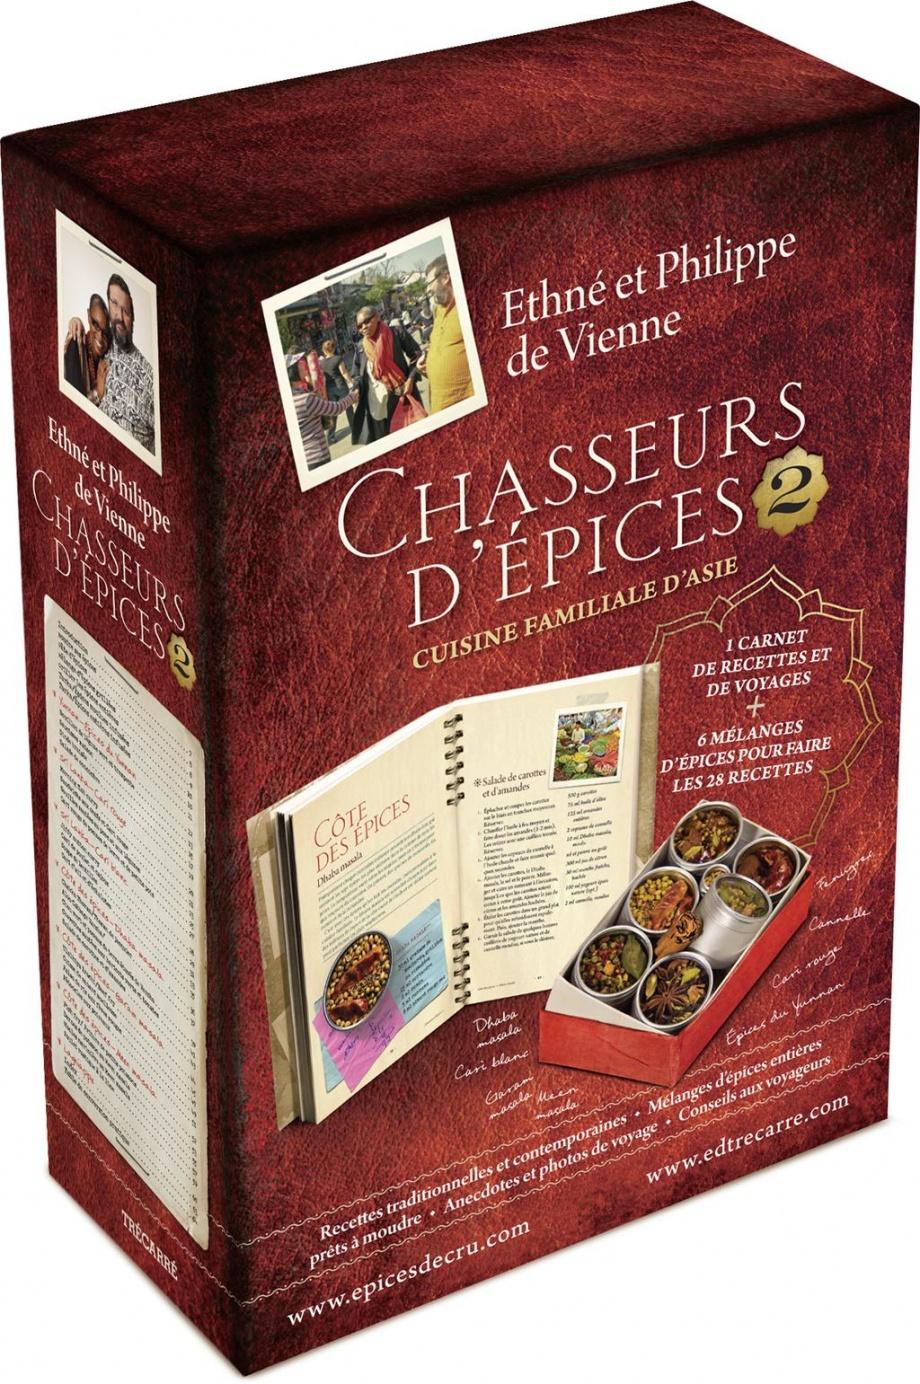 Chasseurs D Epices T 2 Coffret Livre 6 Melanges D Epices